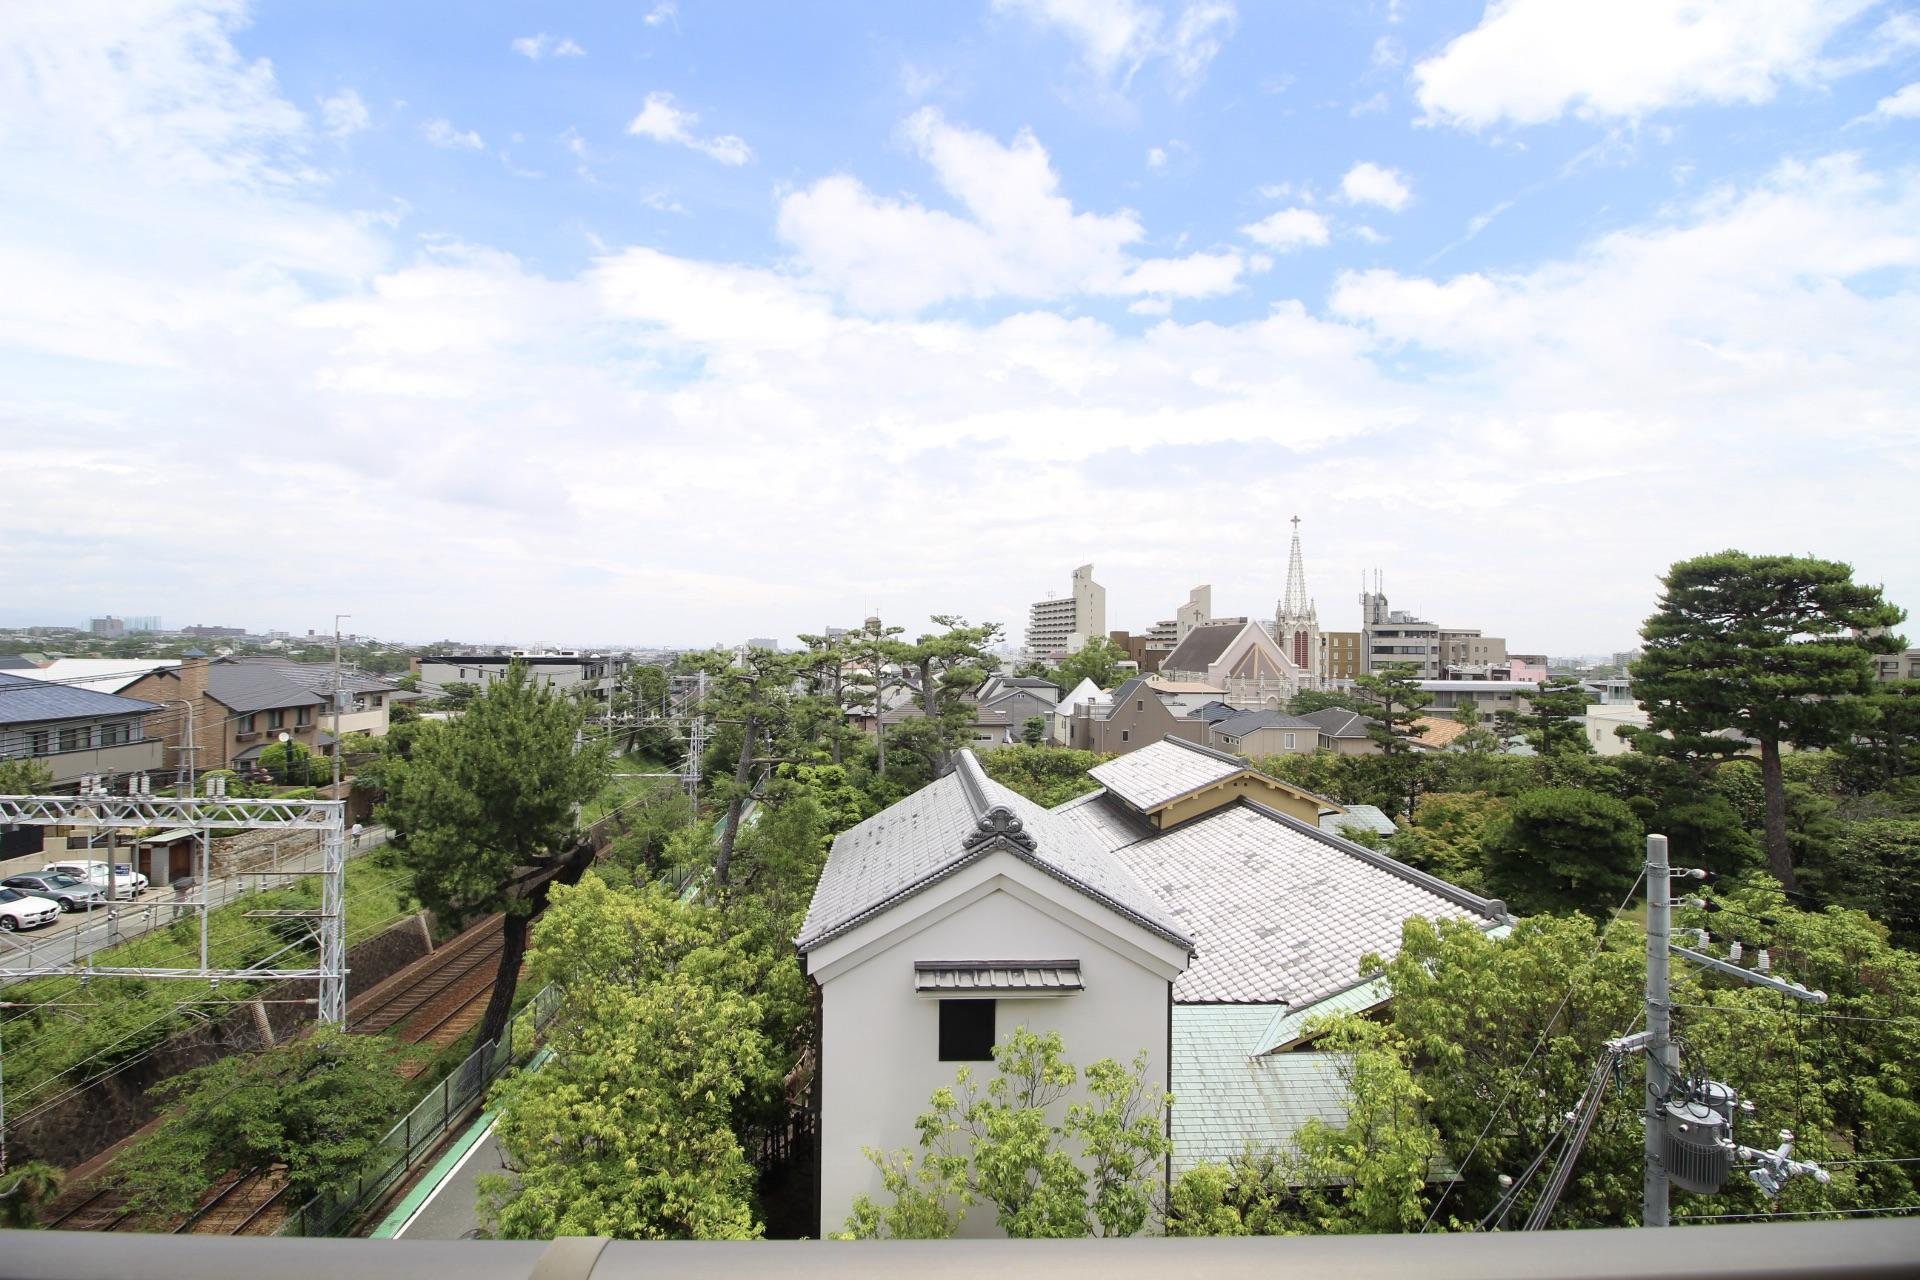 お屋敷と教会の風景 (西宮市松園町の物件) - 神戸R不動産